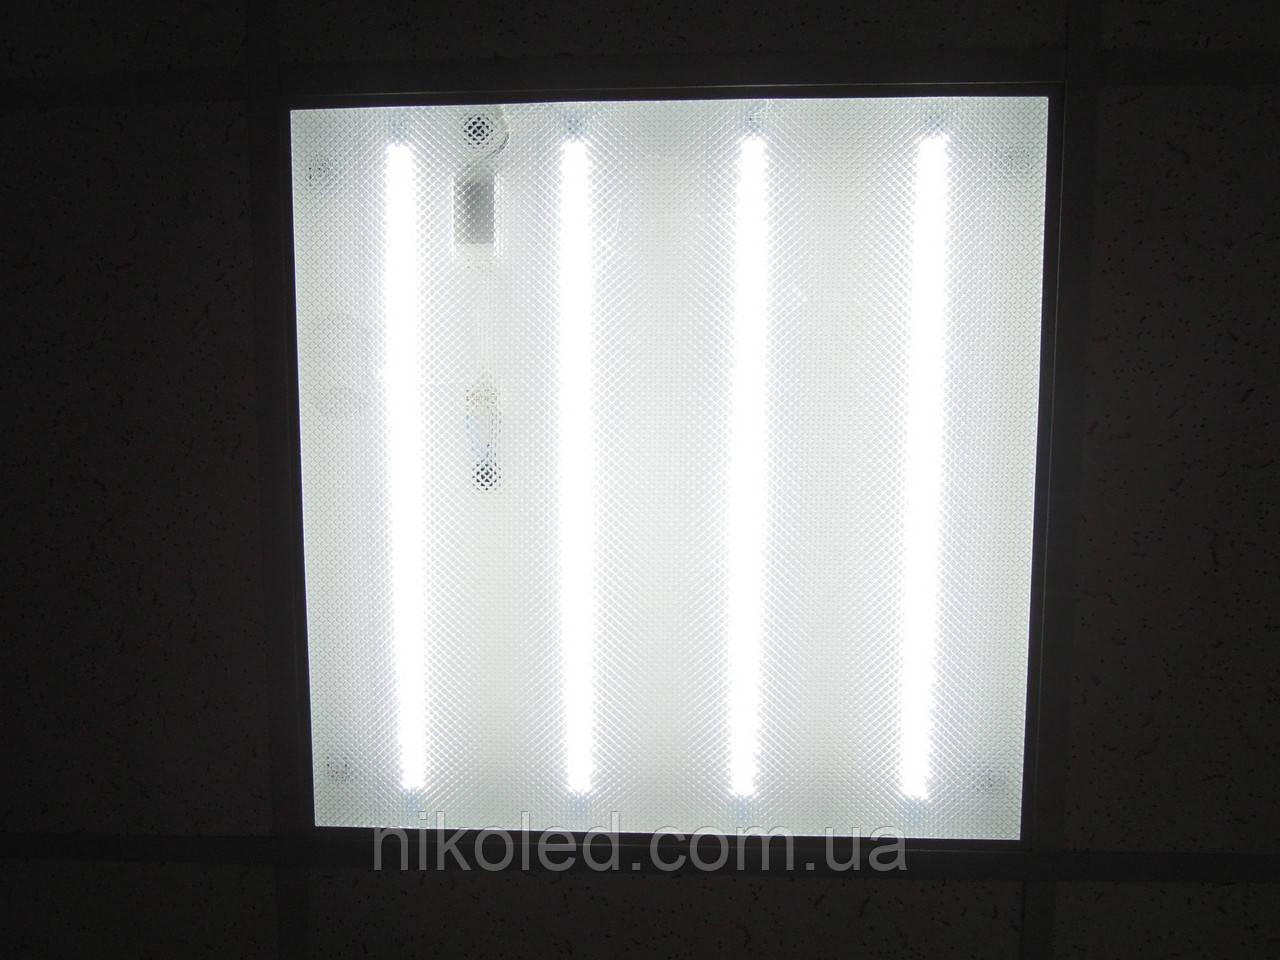 Светодиодная панель 600х600 36W 6500K prismatic